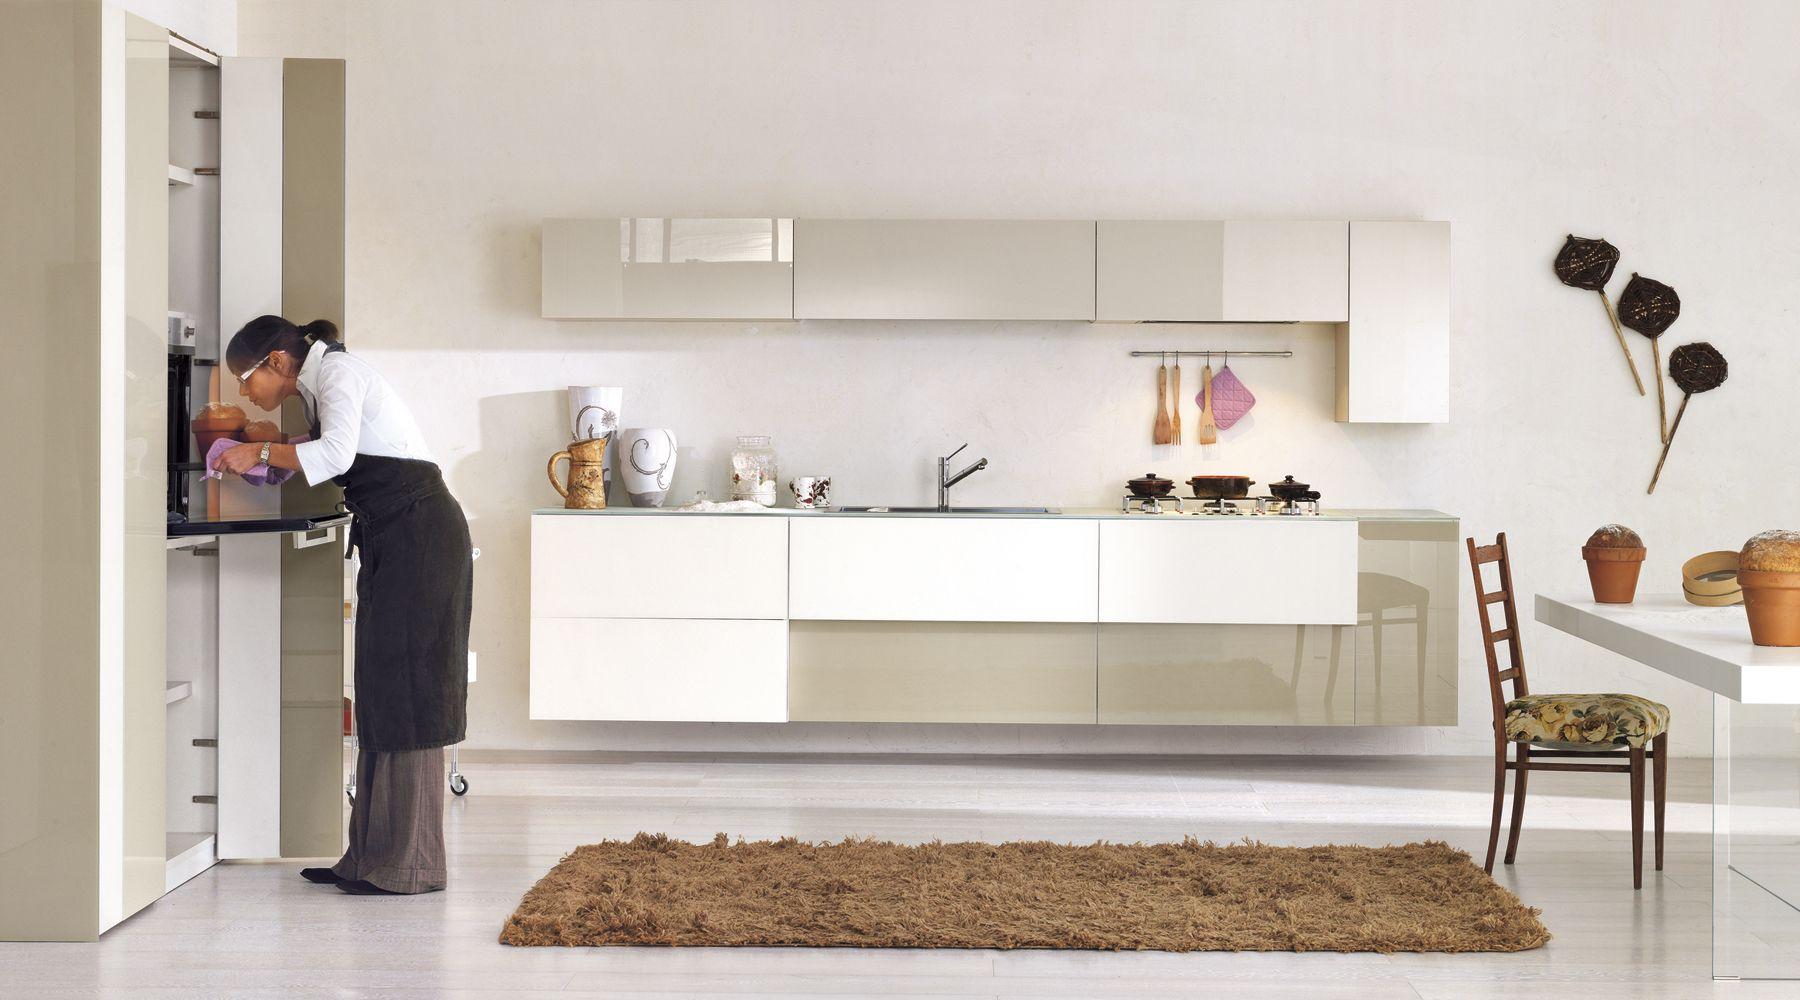 36e8 cocina modular de diseño | Cocinas | Pinterest | Cocinas ...